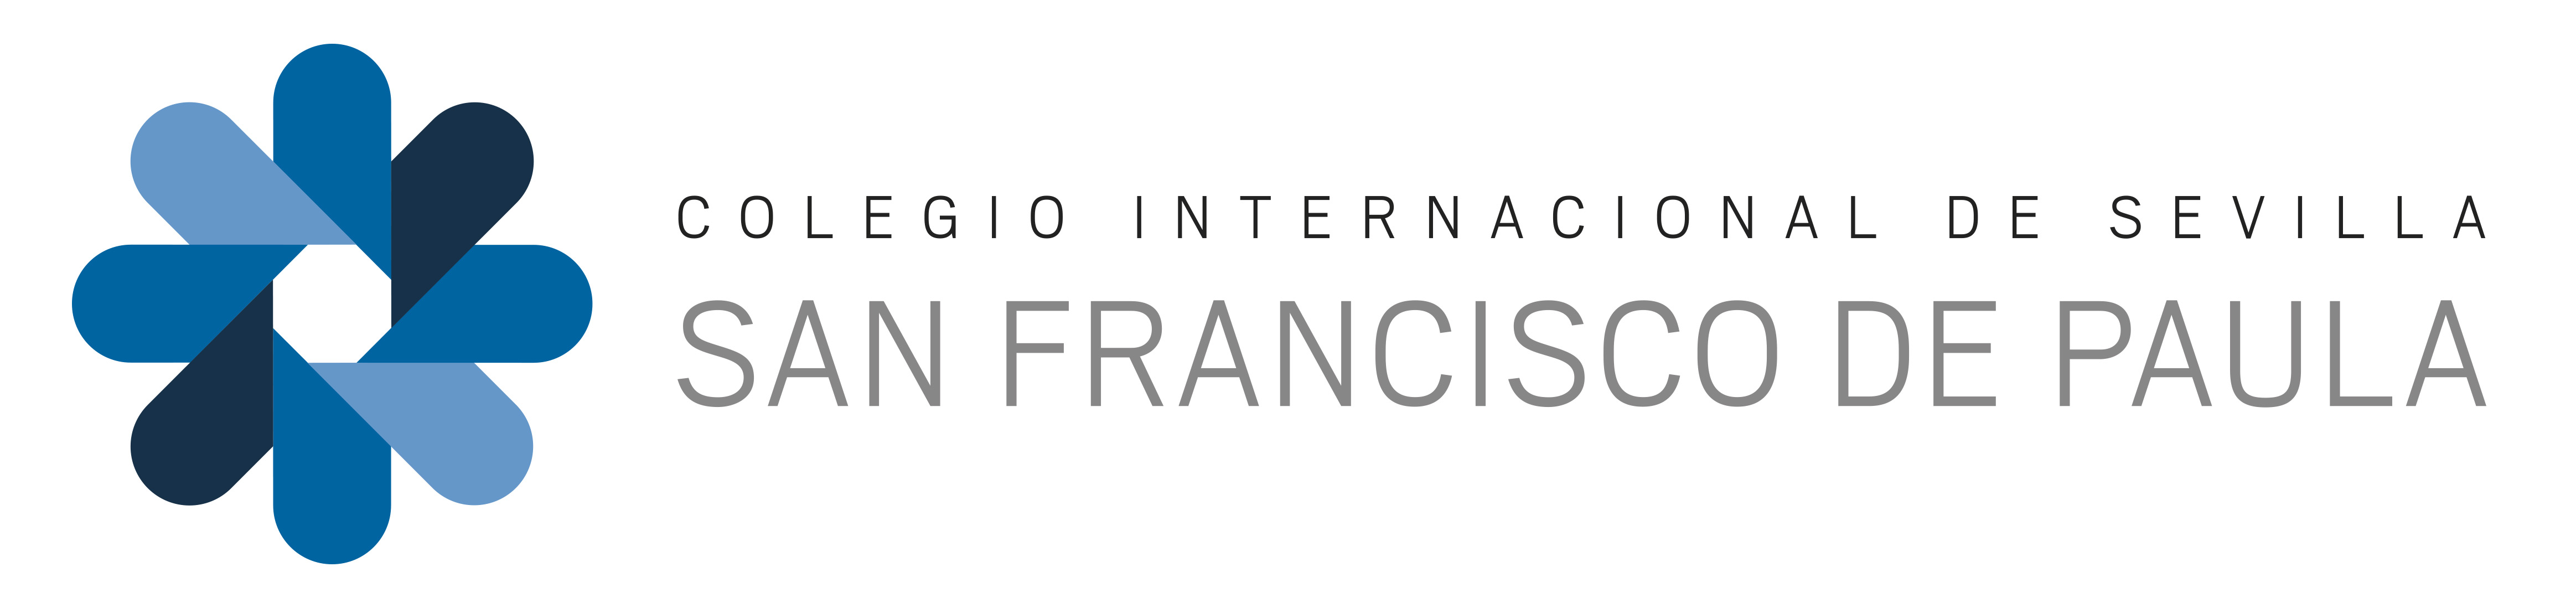 NOTA DE PRENSA: UNA ALUMNA DEL COLEGIO INTERNACIONAL DE SEVILLA SAN FRANCISCO DE PAULA GANA UN CONCURSO INTERNACIONAL DE CORTOMETRAJES 'ONLINE'